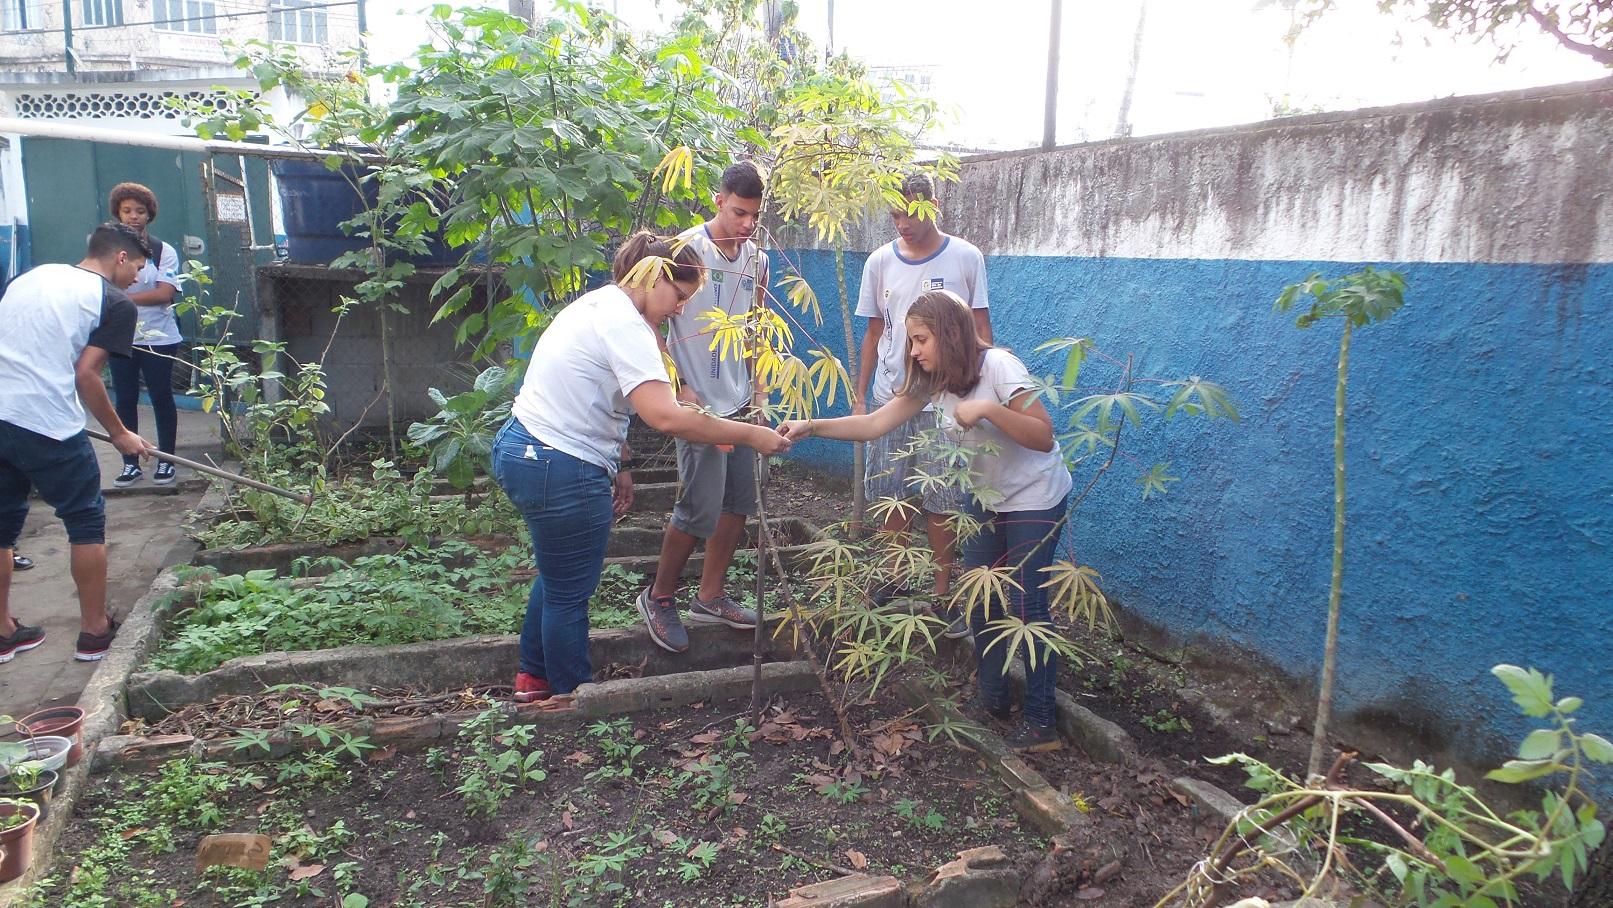 Alunos do Colégio Estadual Brigadeiro Schorcht, na Taquara, cuidam das verduras plantadas por eles. Foto Elizabeth Oliveira